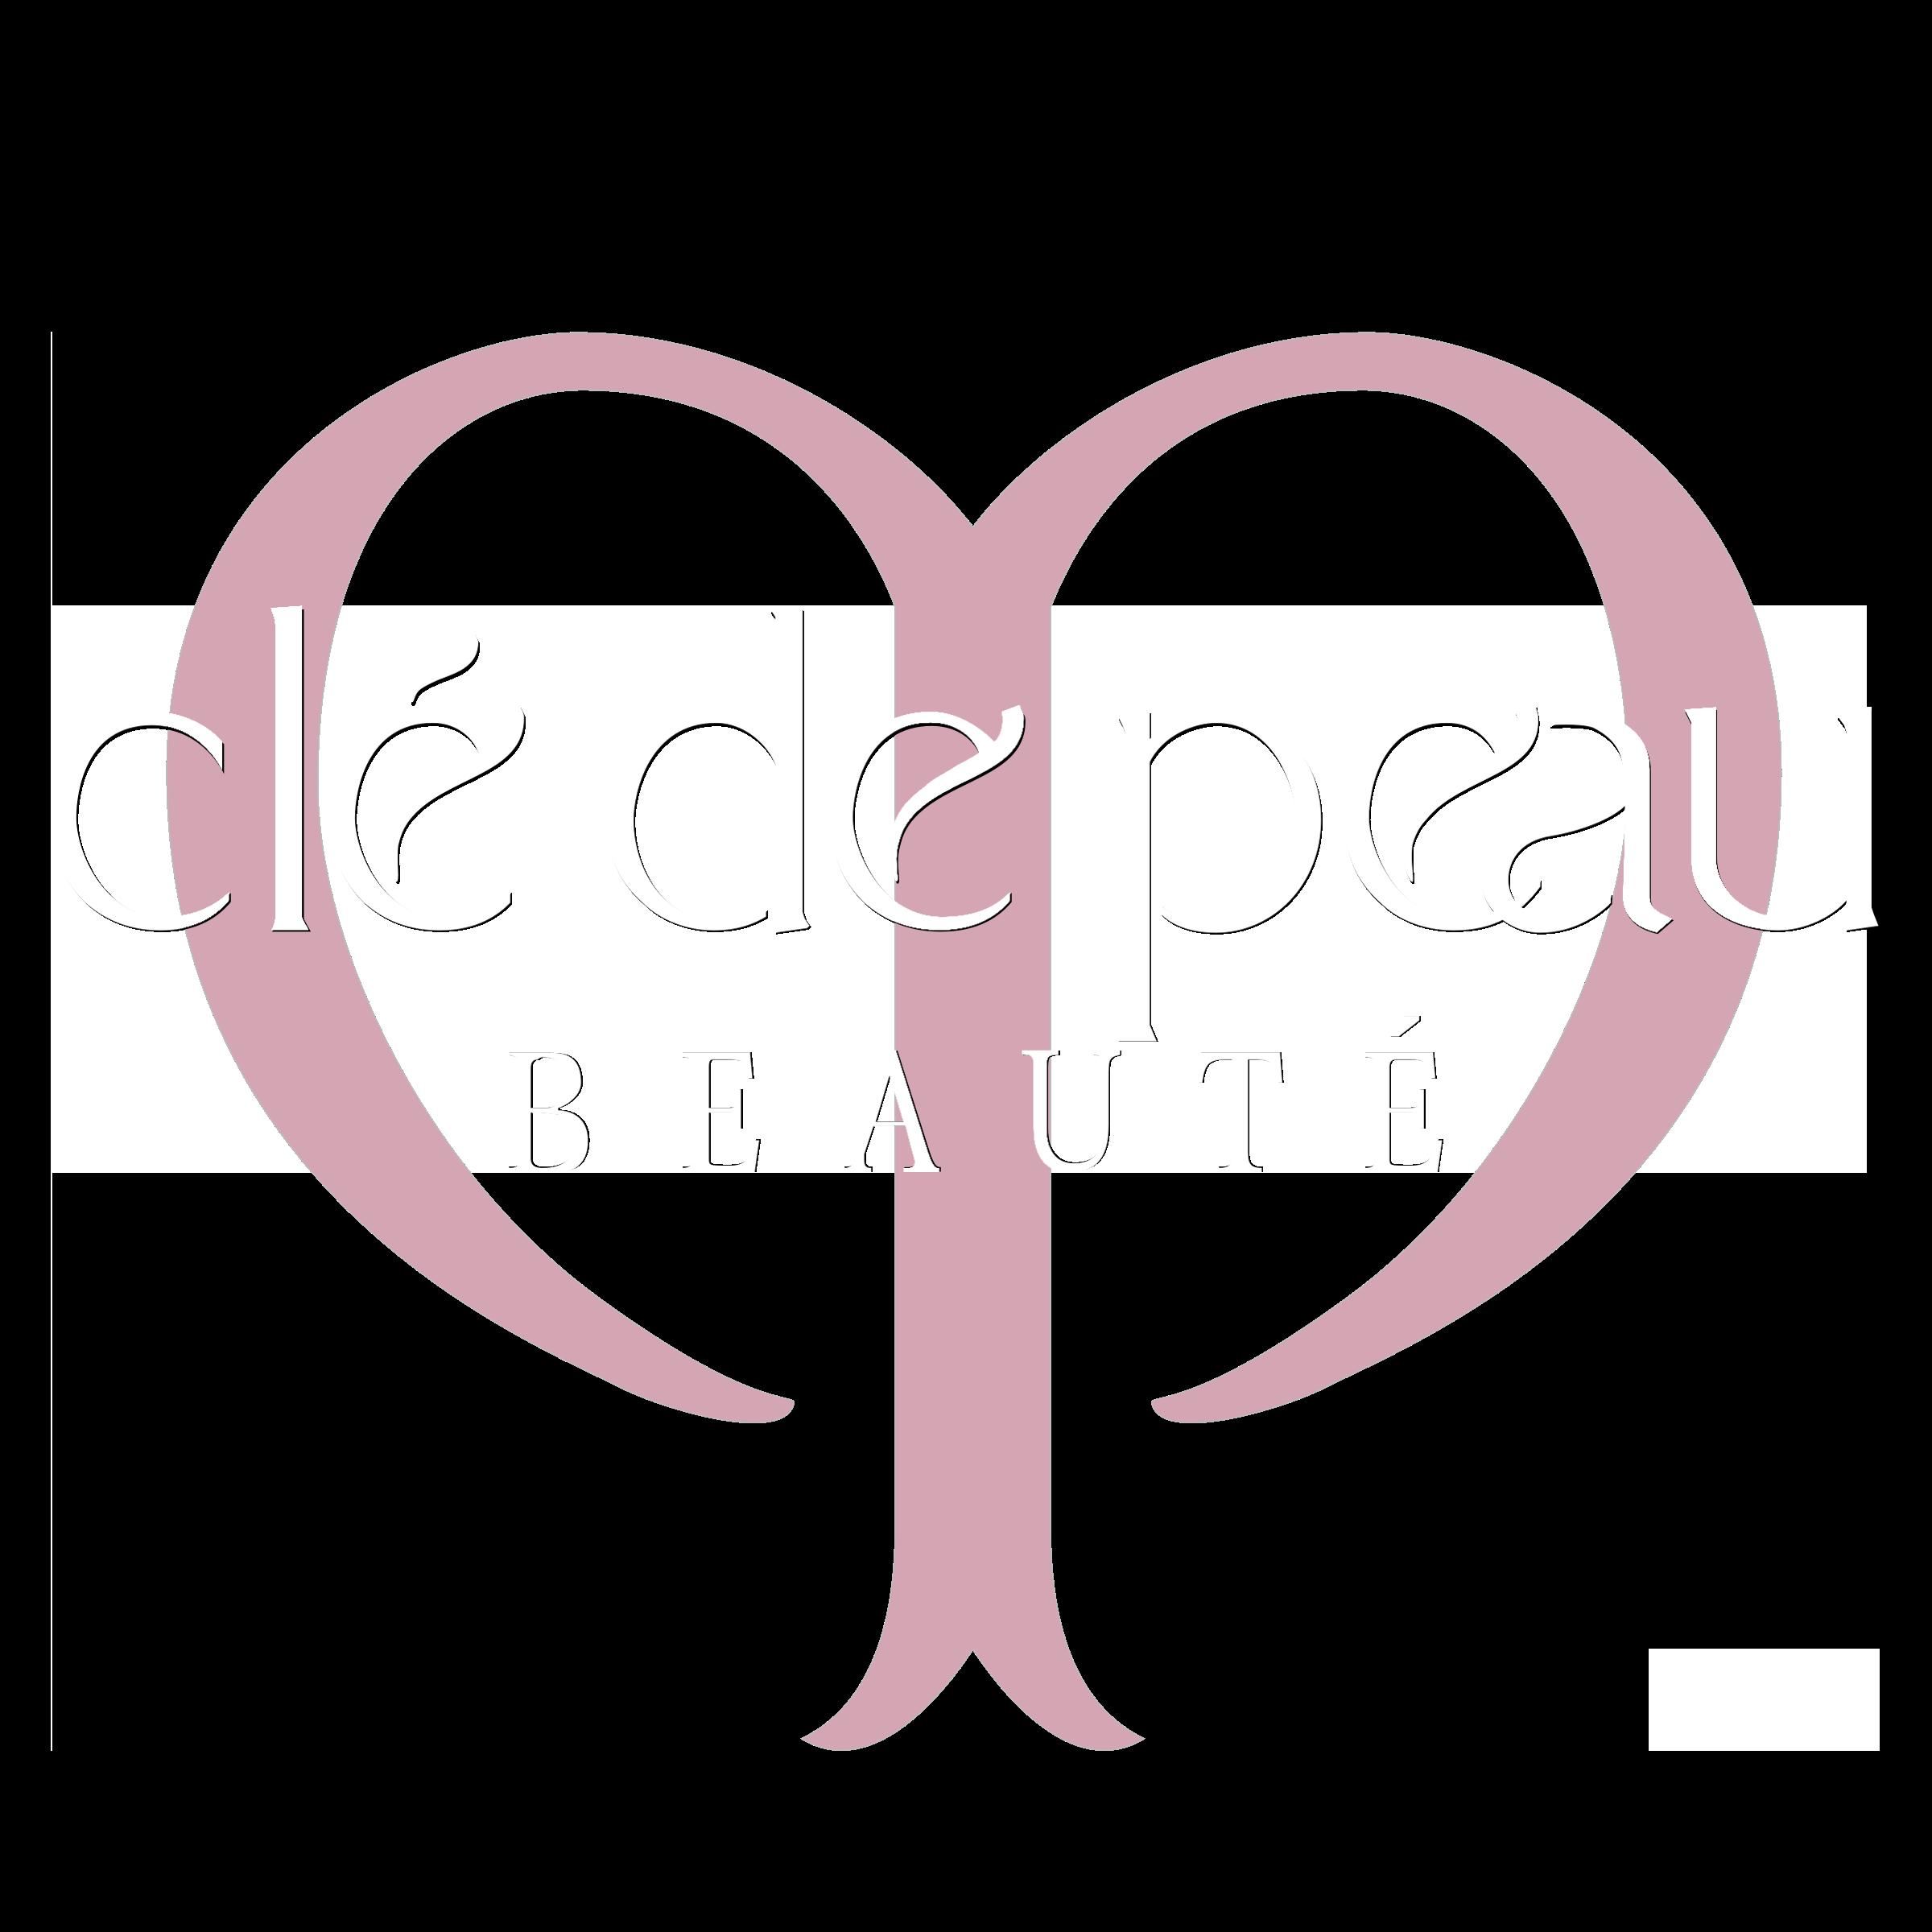 cle-de-peau-beaute-logo-png-transparent.png